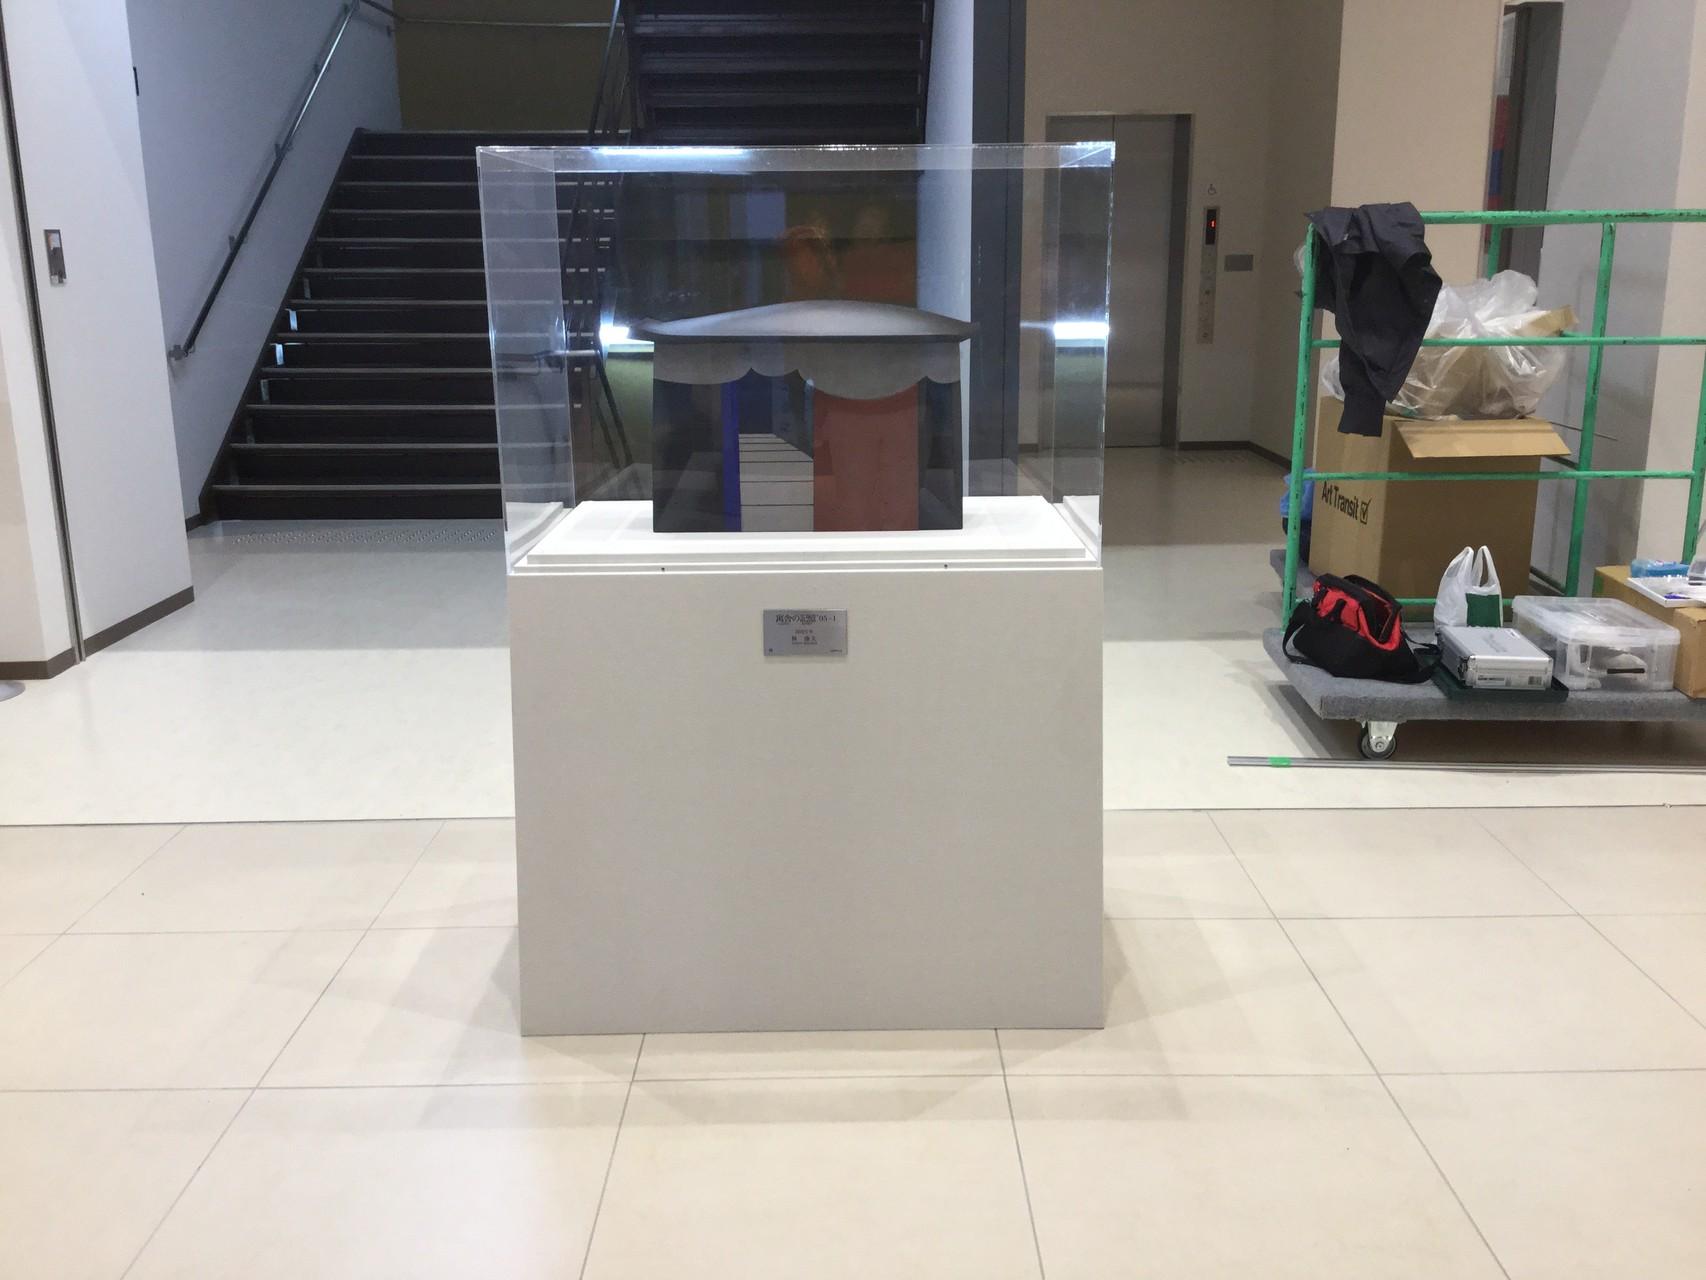 「寓舎の記憶 '05−1」 39.6×62×23.5cm 陶 2005年   林 康夫 大阪芸大名誉教授